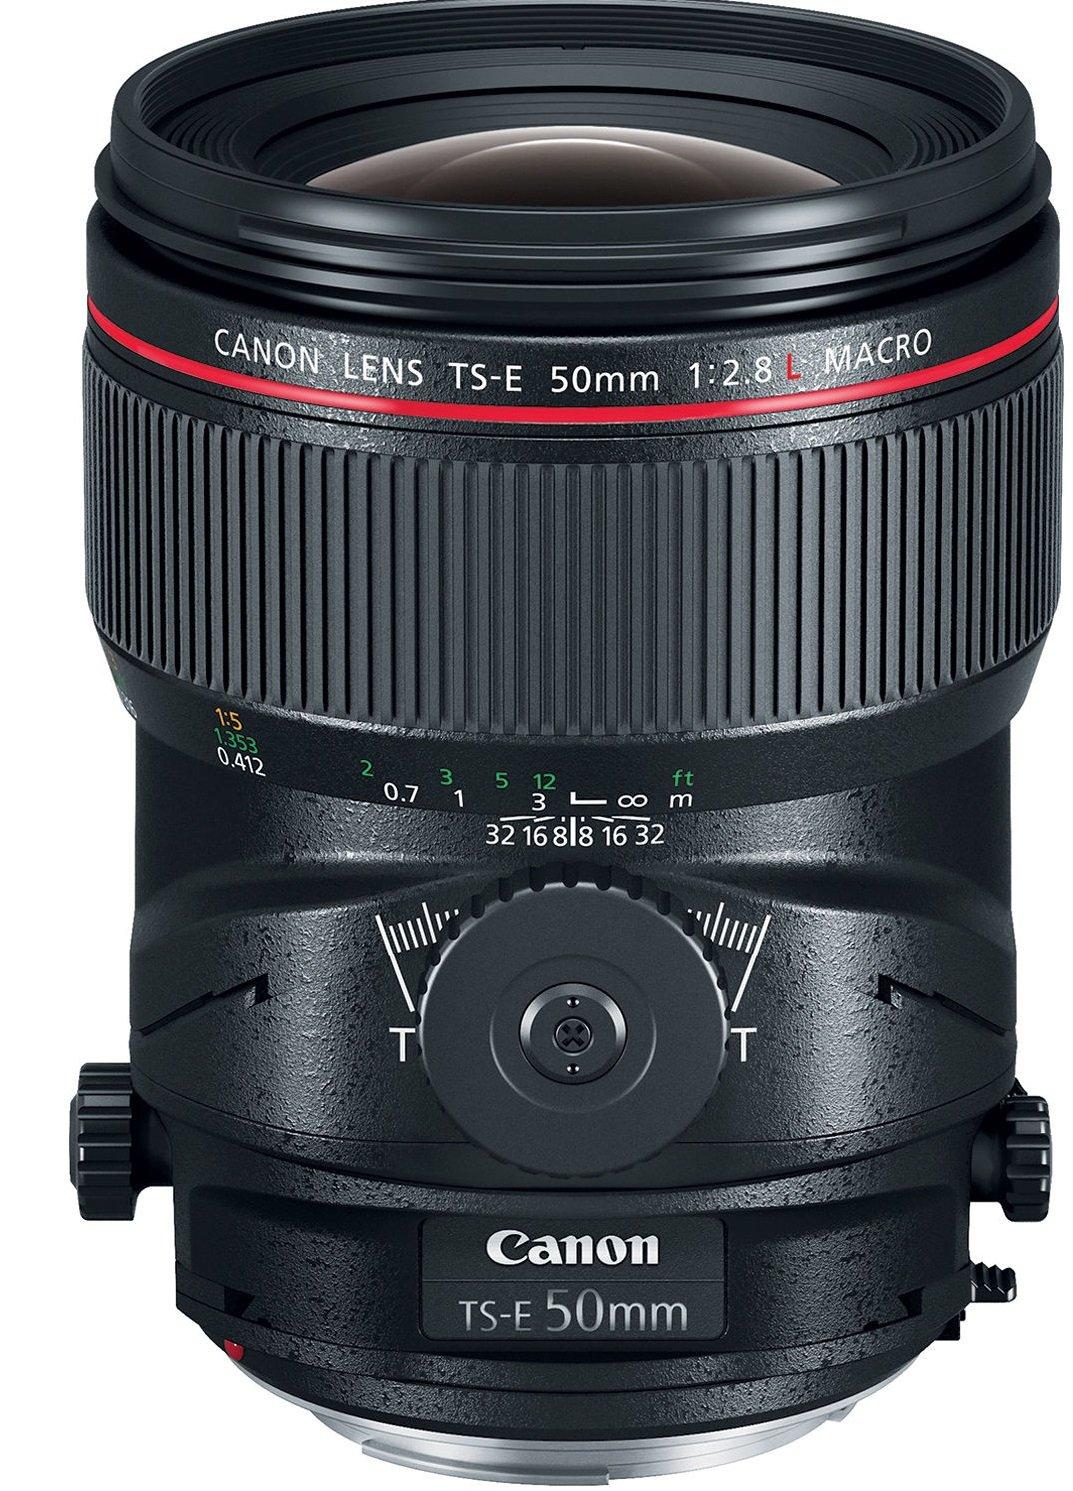 CANON TS-E 50 mm f/2,8 L MACRO